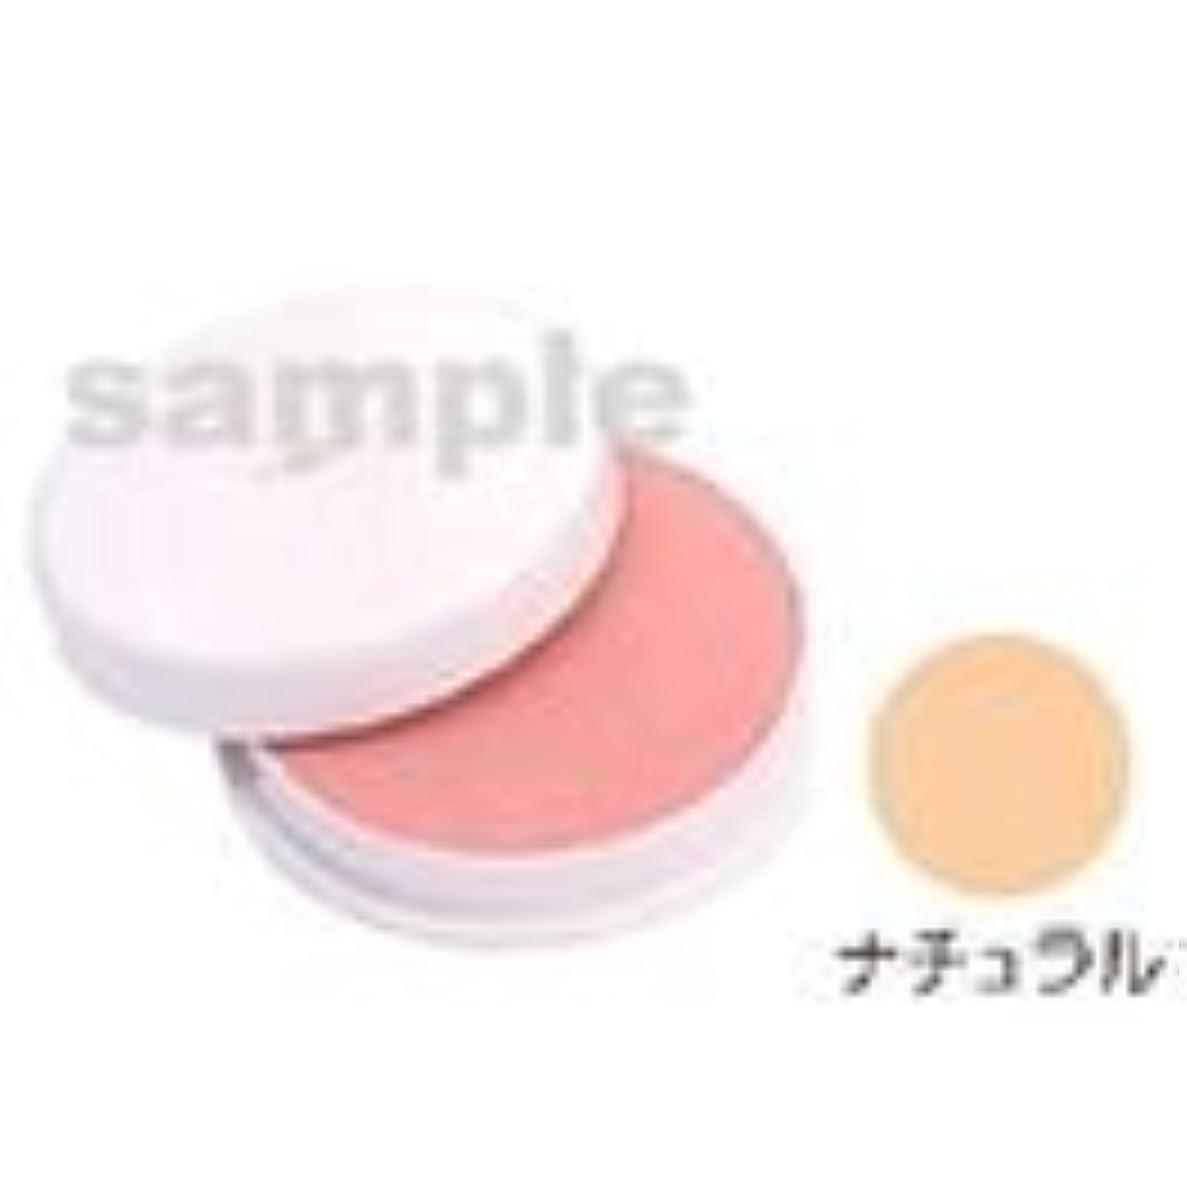 スーパーマーケット忠誠フォーム三善 フェースケーキ ナチュラル